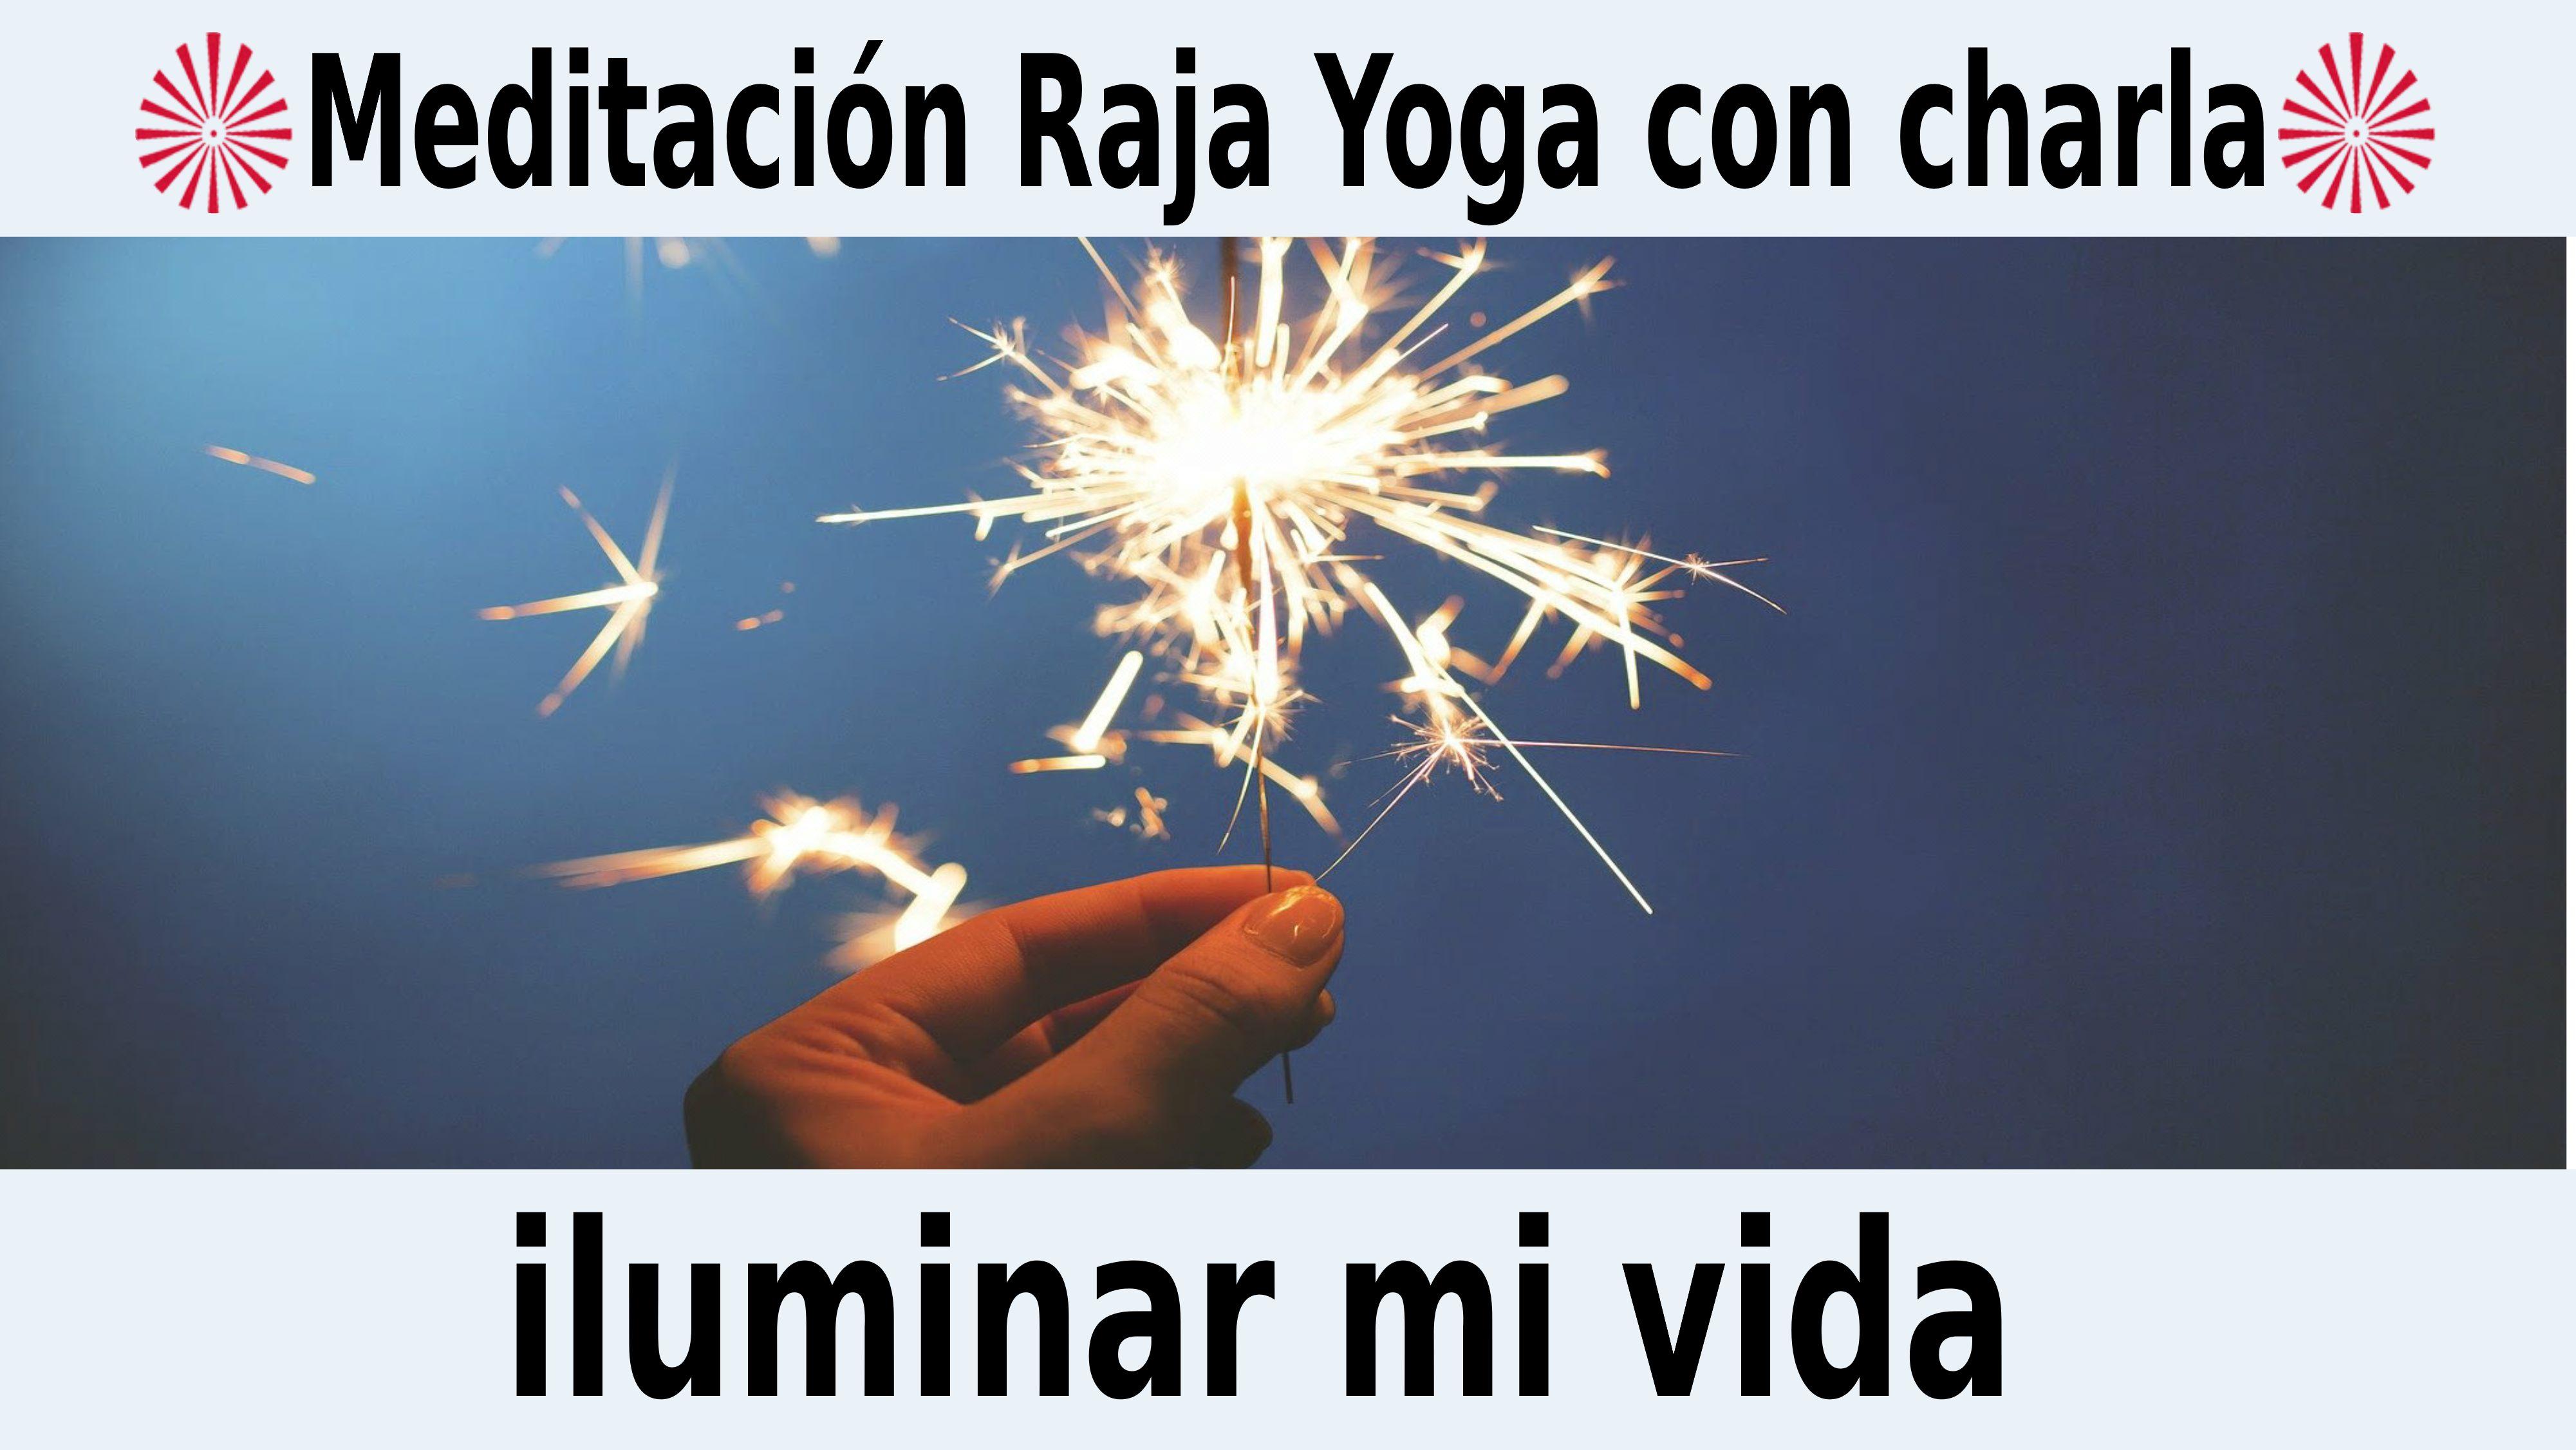 Meditación Raja Yoga con charla: Iluminar mi vida (12 Noviembre 2020) On-line desde Barcelona